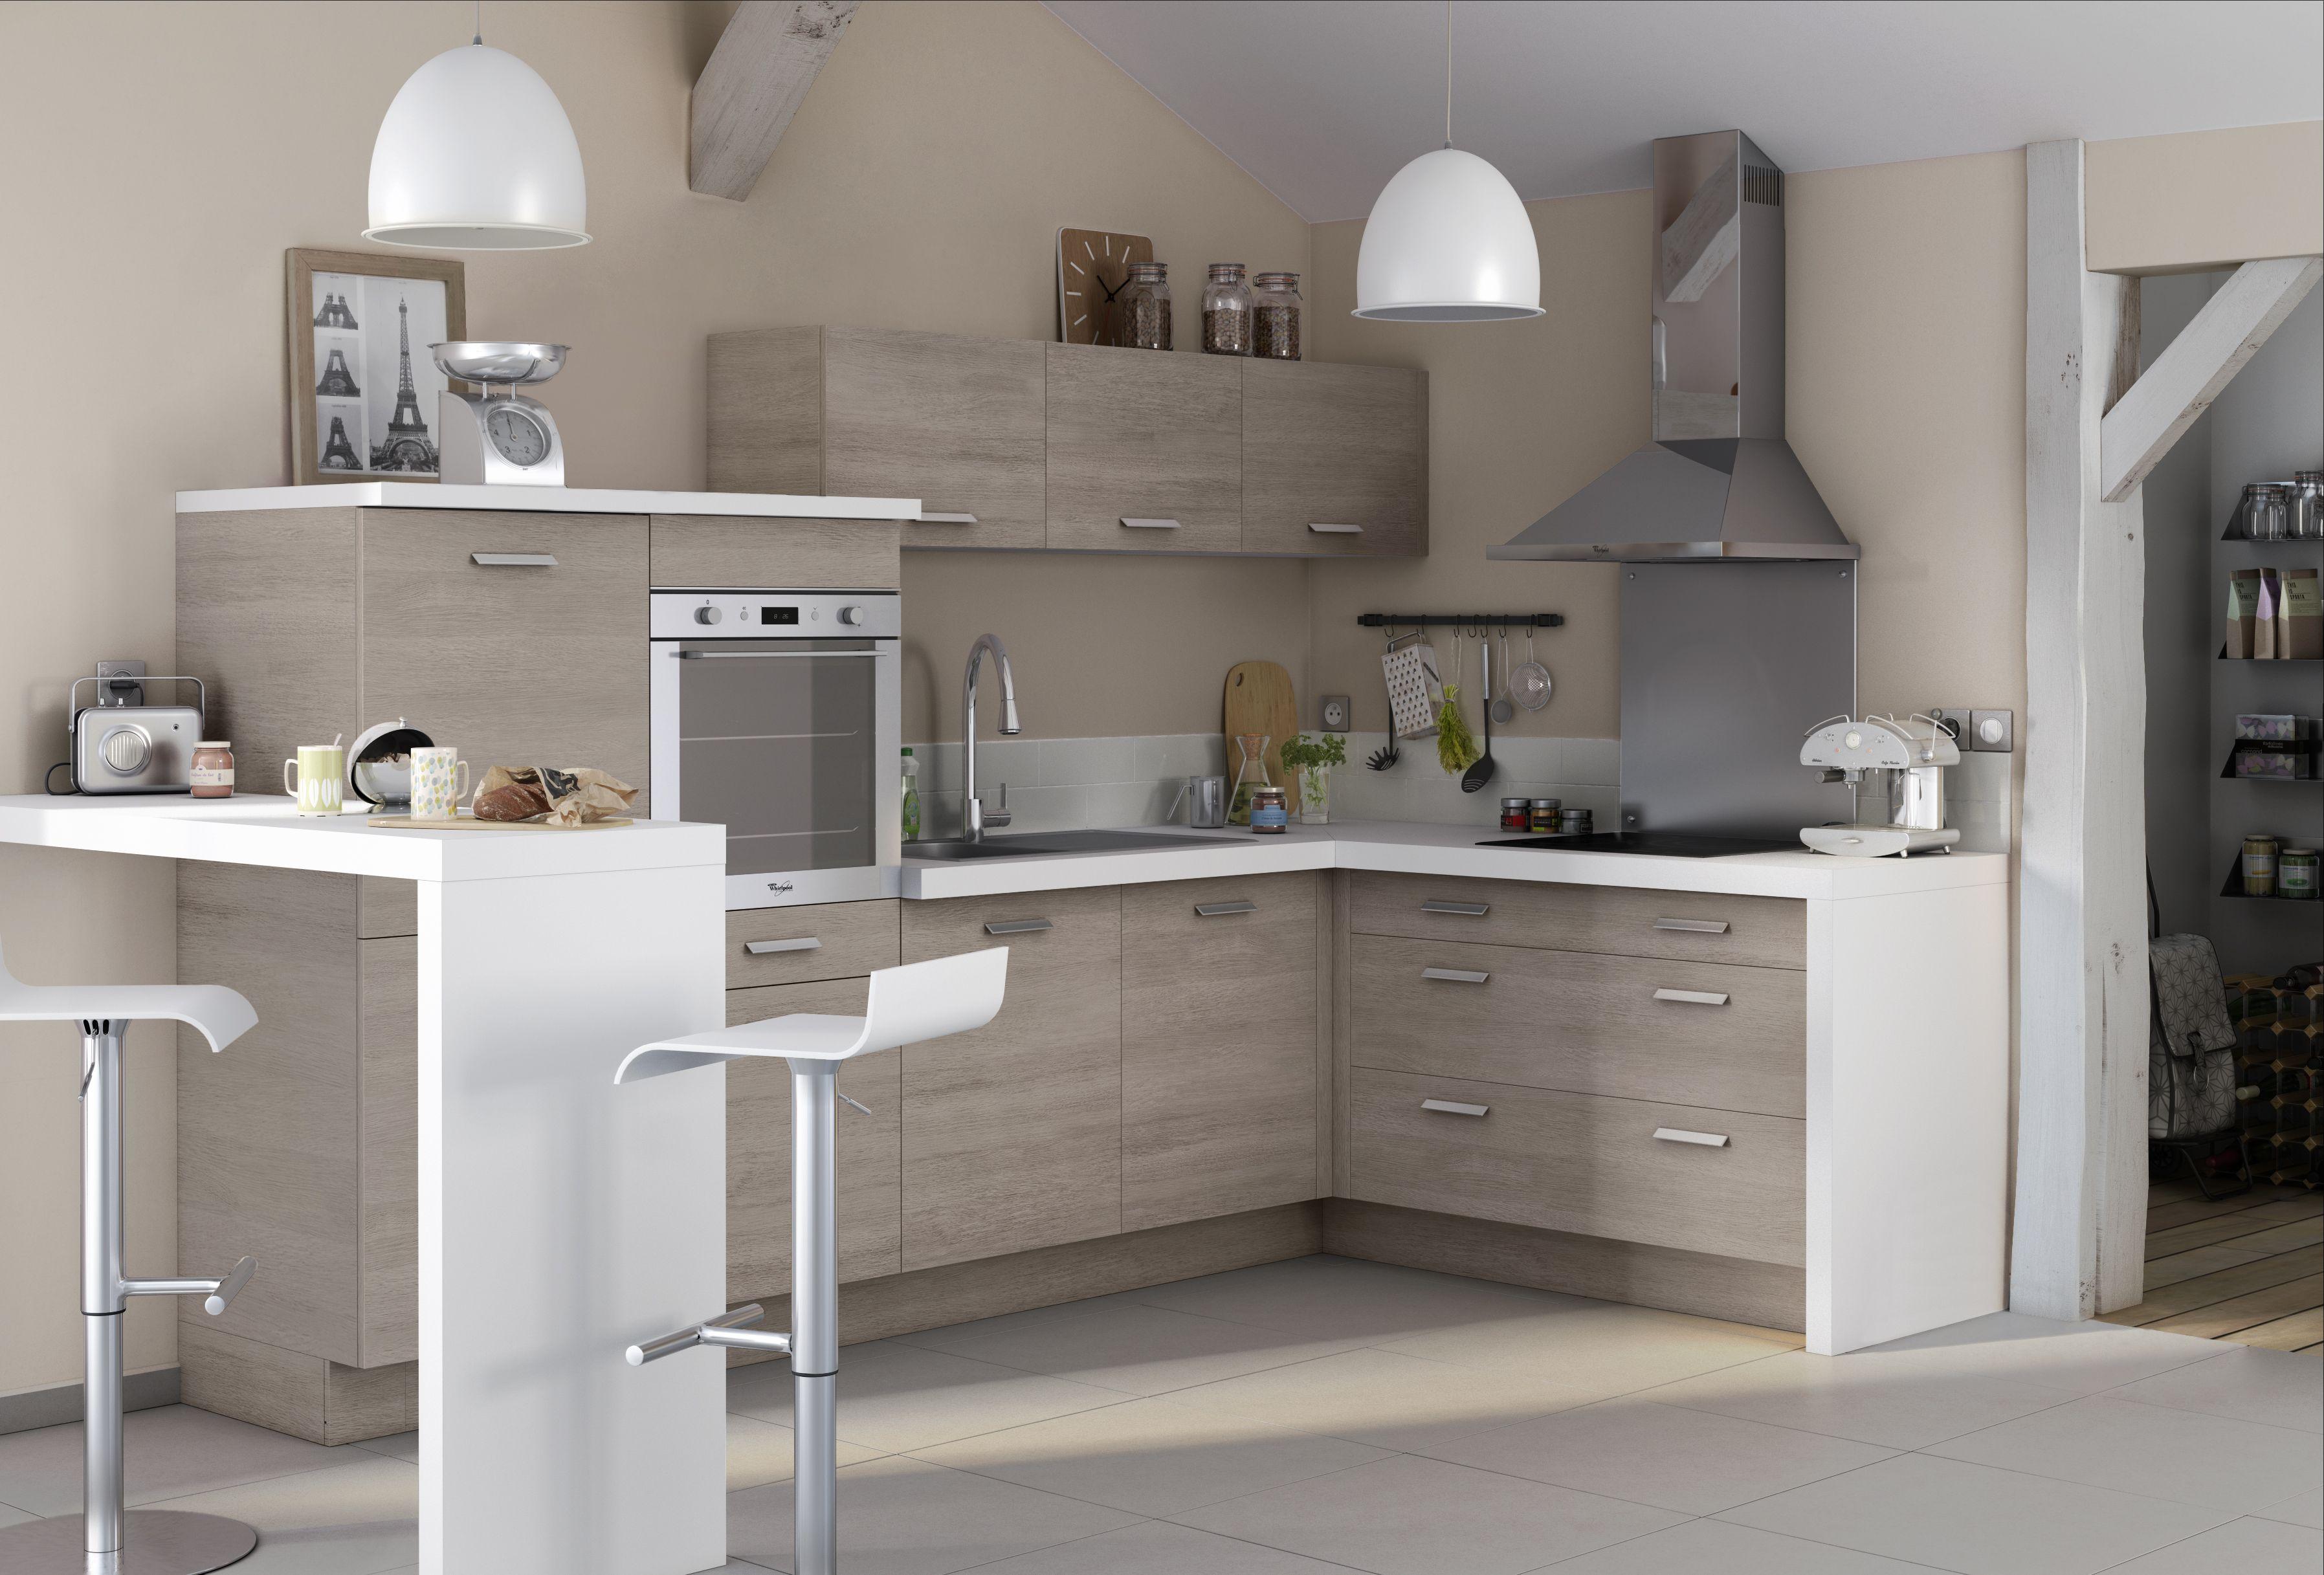 Les 20 photos que vous pr f rez sur pinterest home kitchen pinterest petite cuisine - Petite cuisine moderne ...